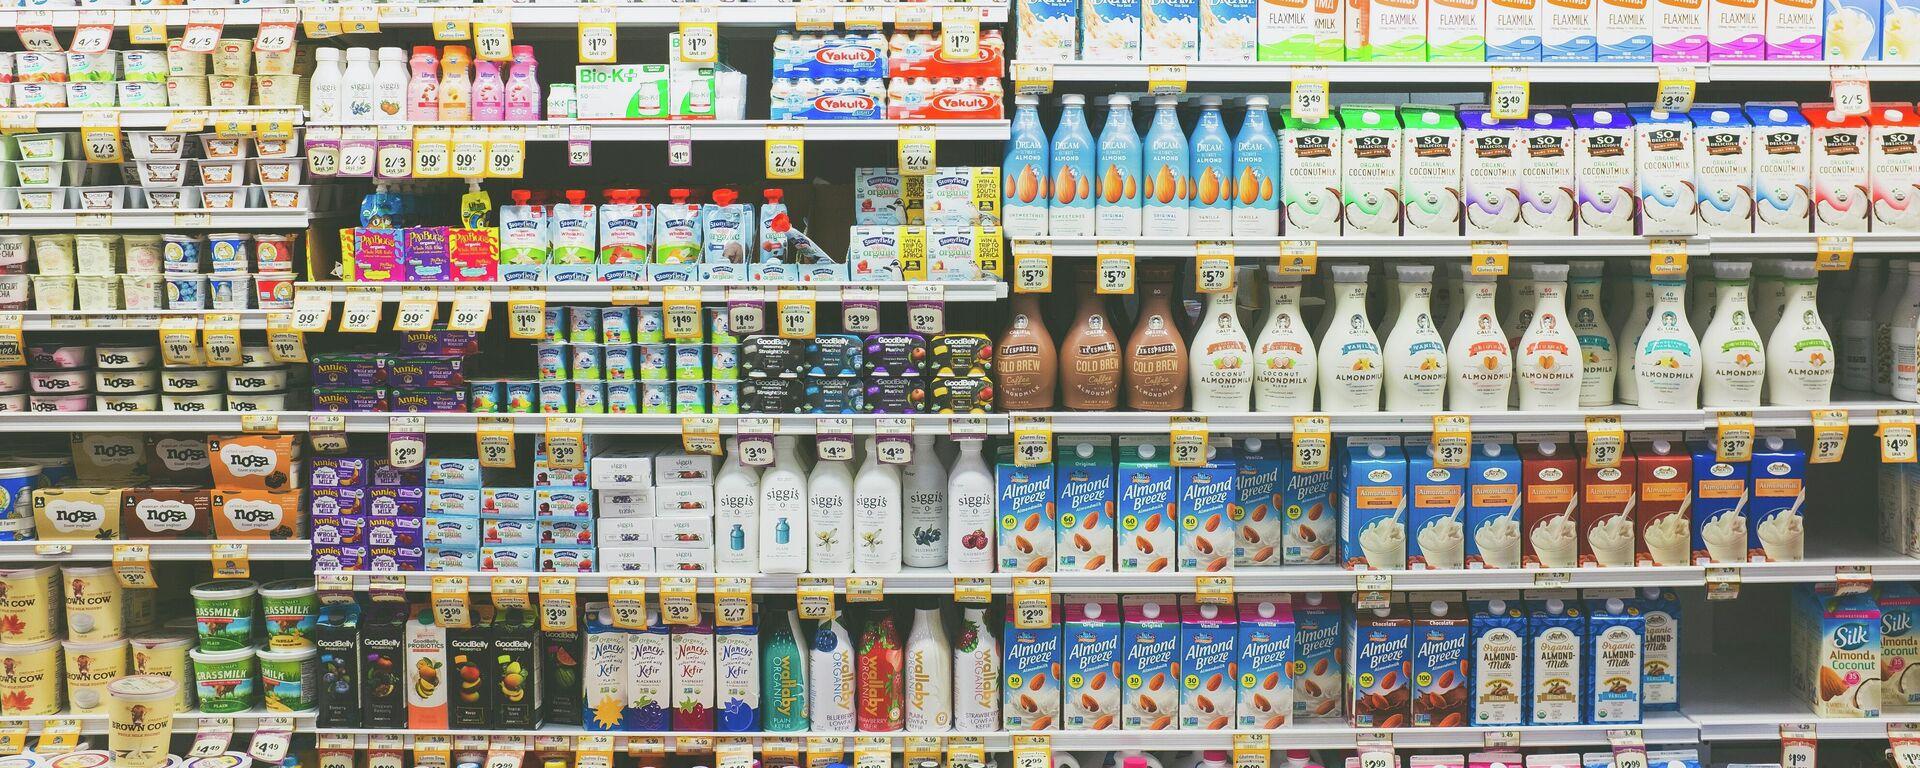 Unos productos lácteos en una tienda - Sputnik Mundo, 1920, 06.08.2021